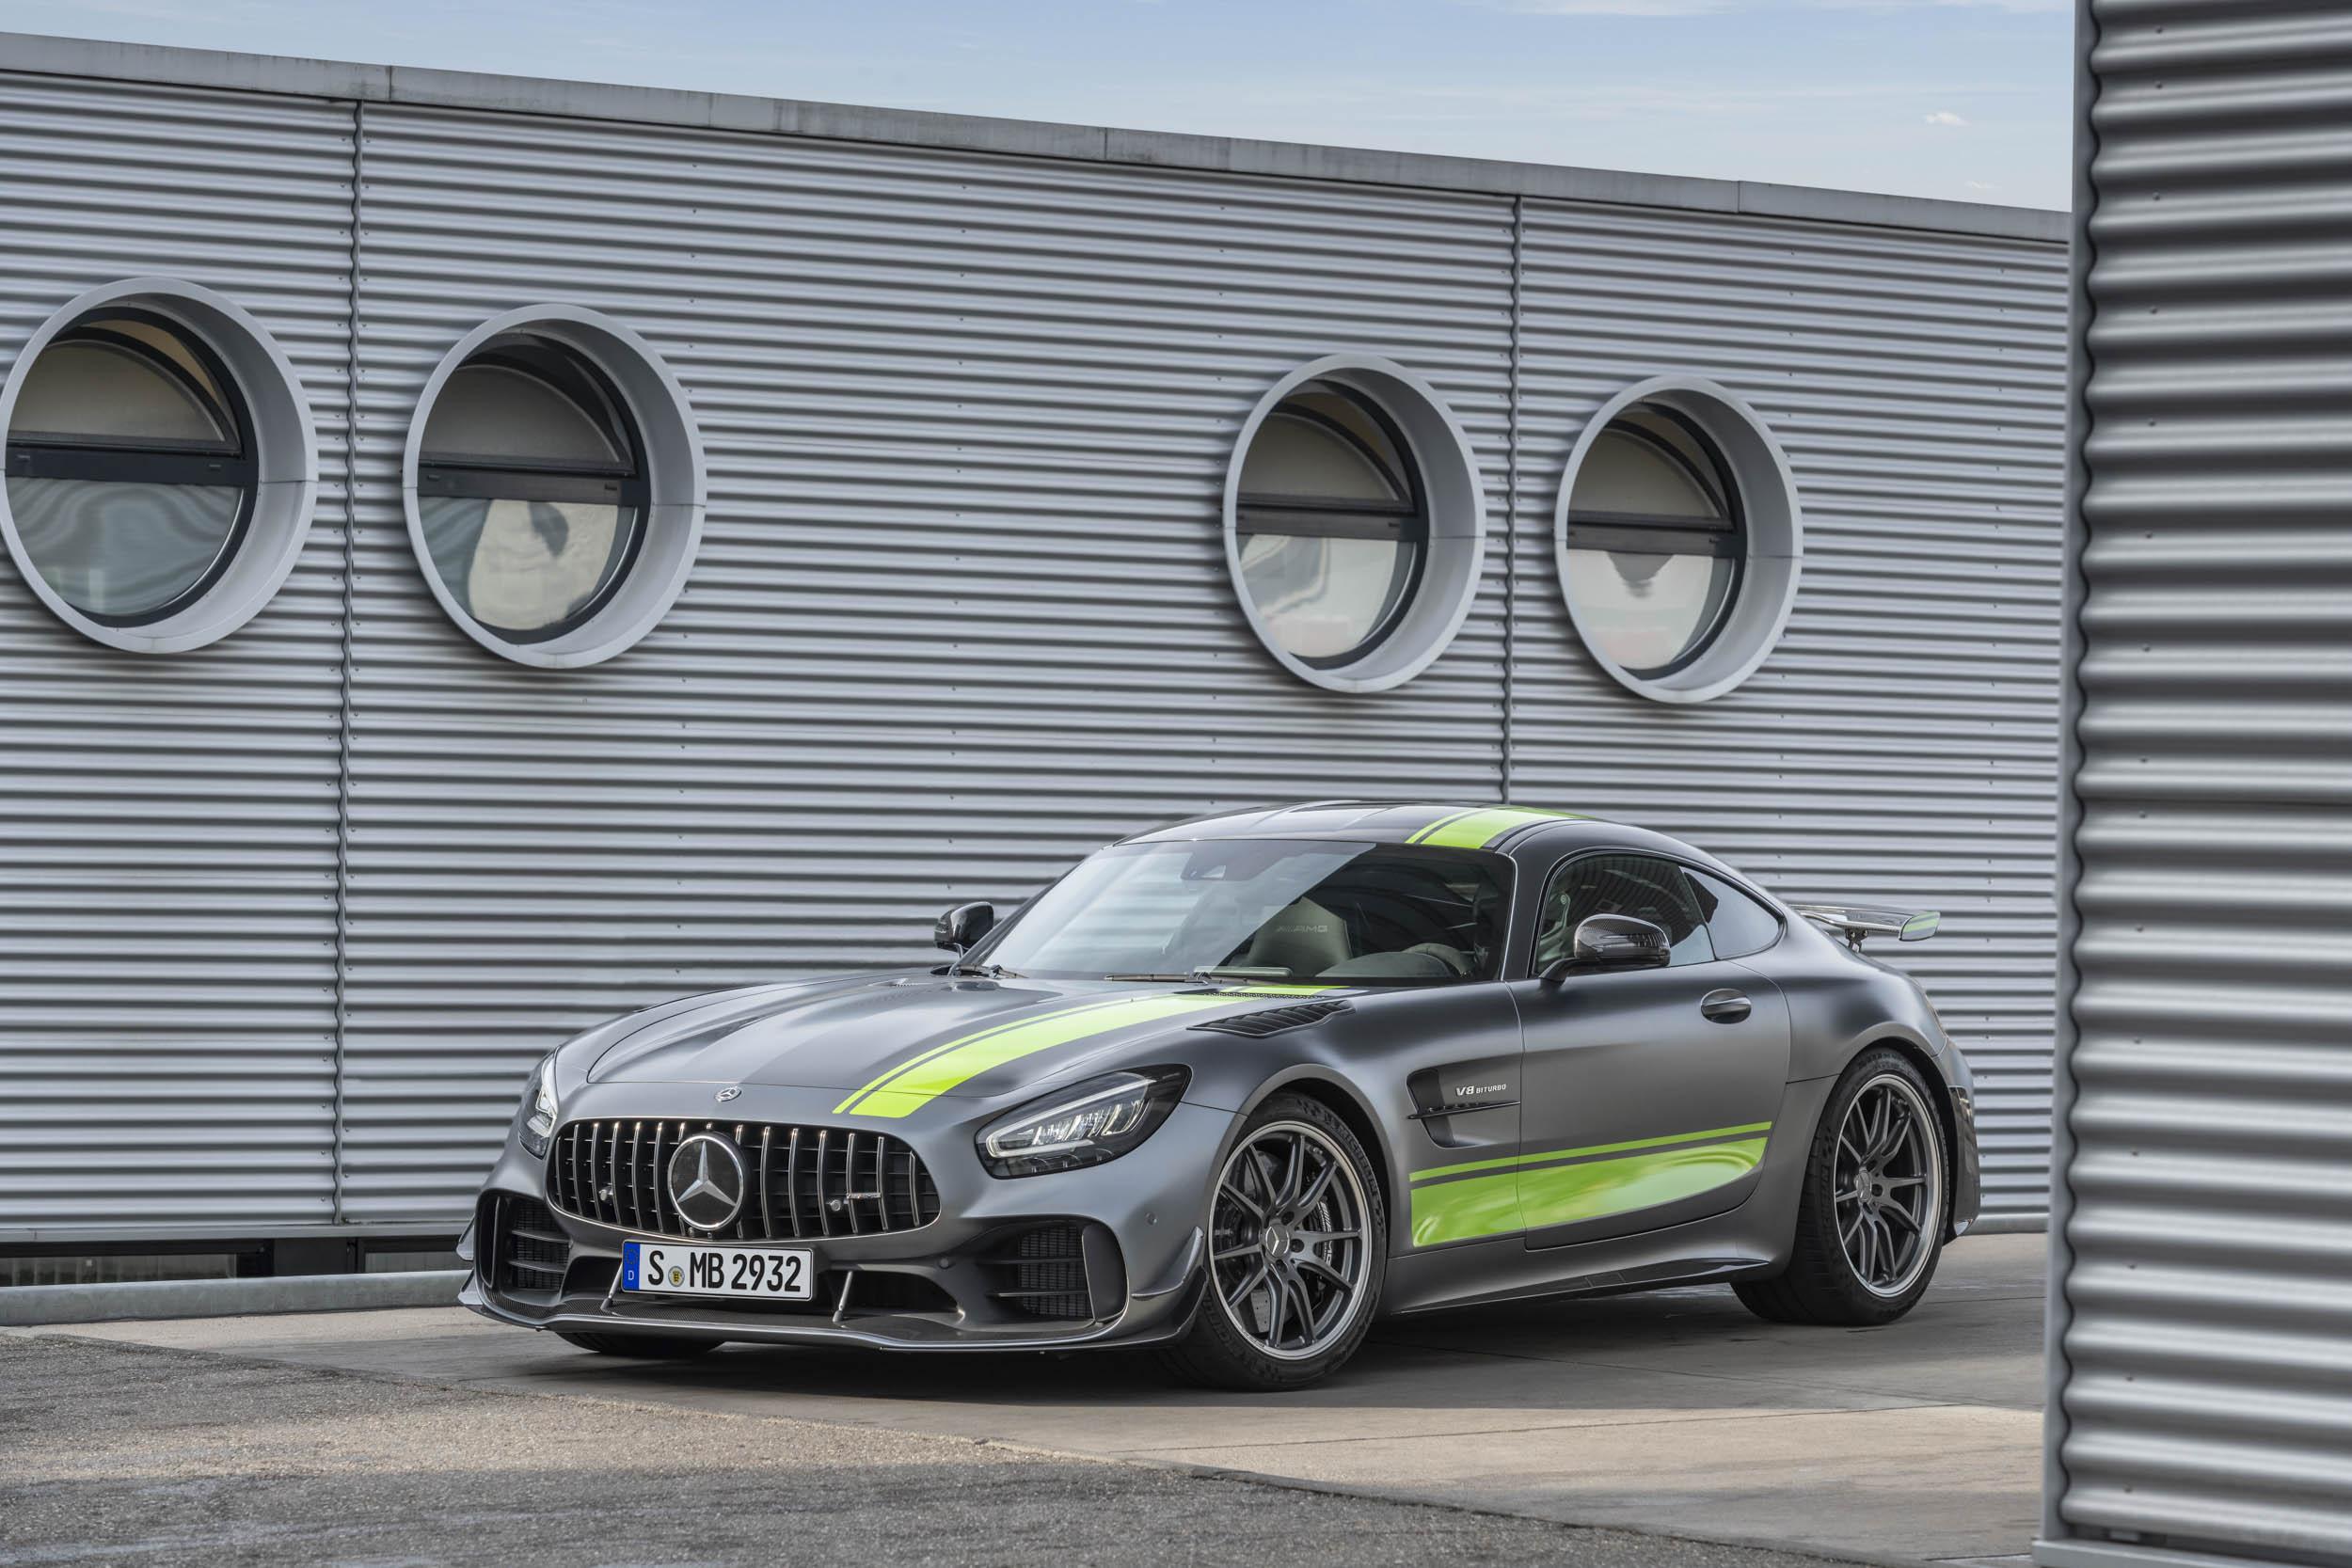 Mercedes-AMG GT R Pro track car